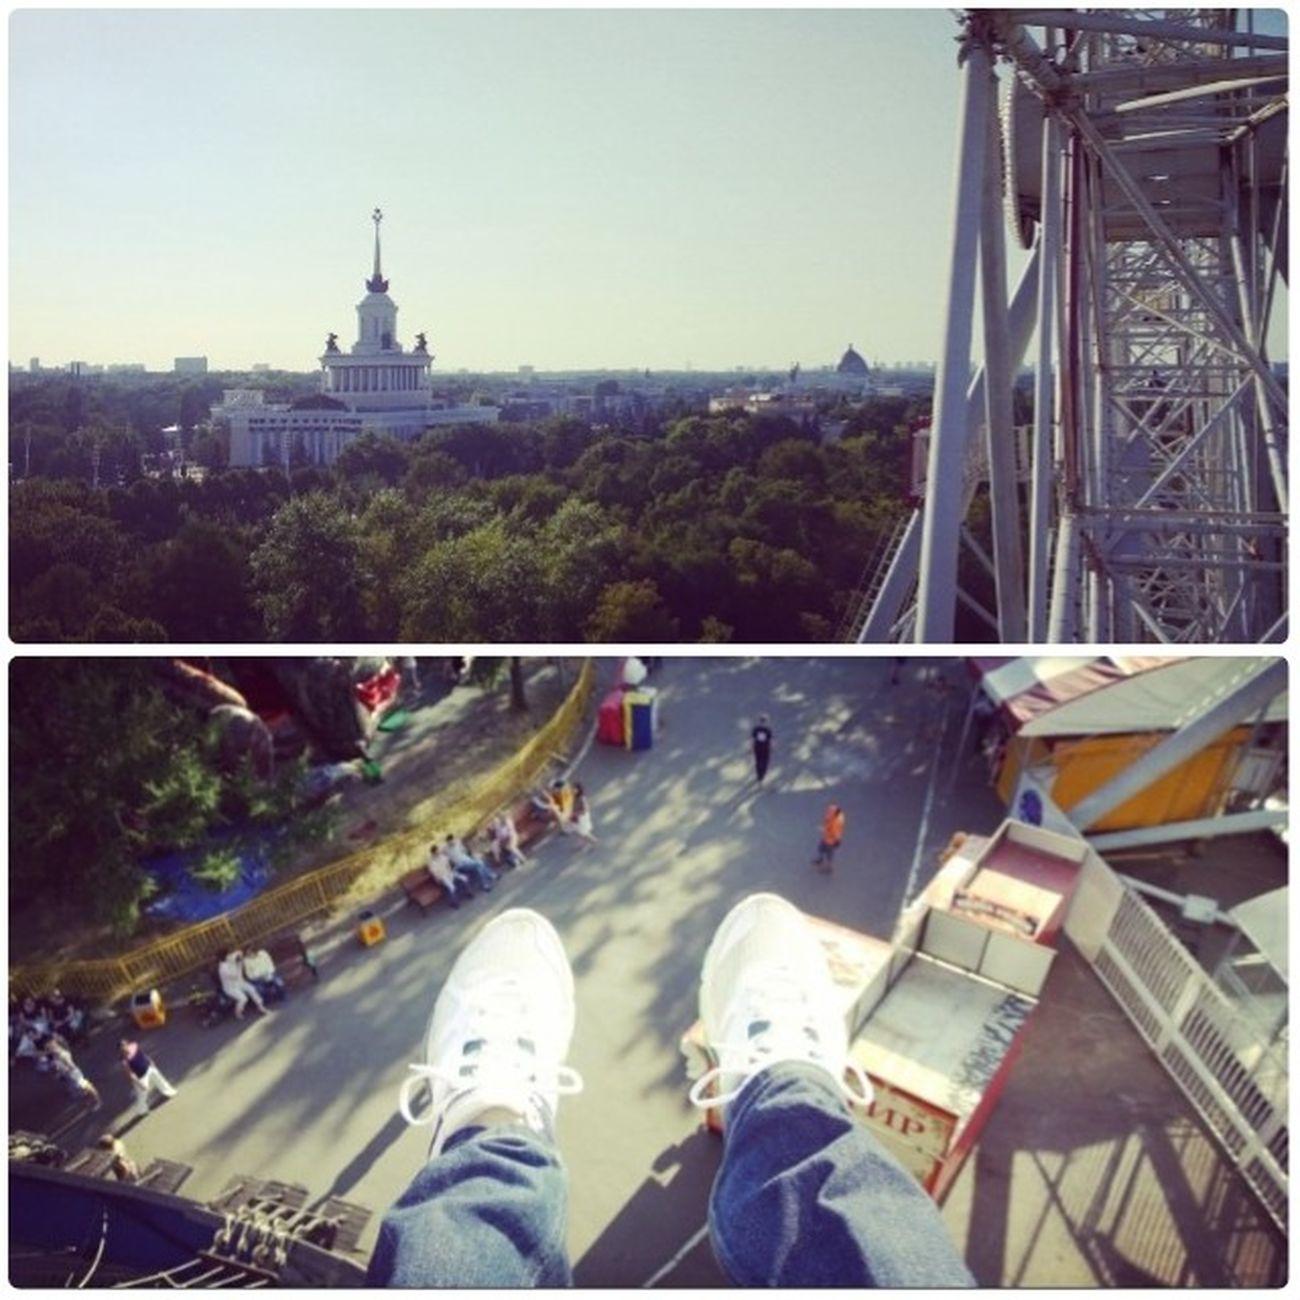 Выходной в ВДНХ Москва ВДНХ колесообозрения фотография лето